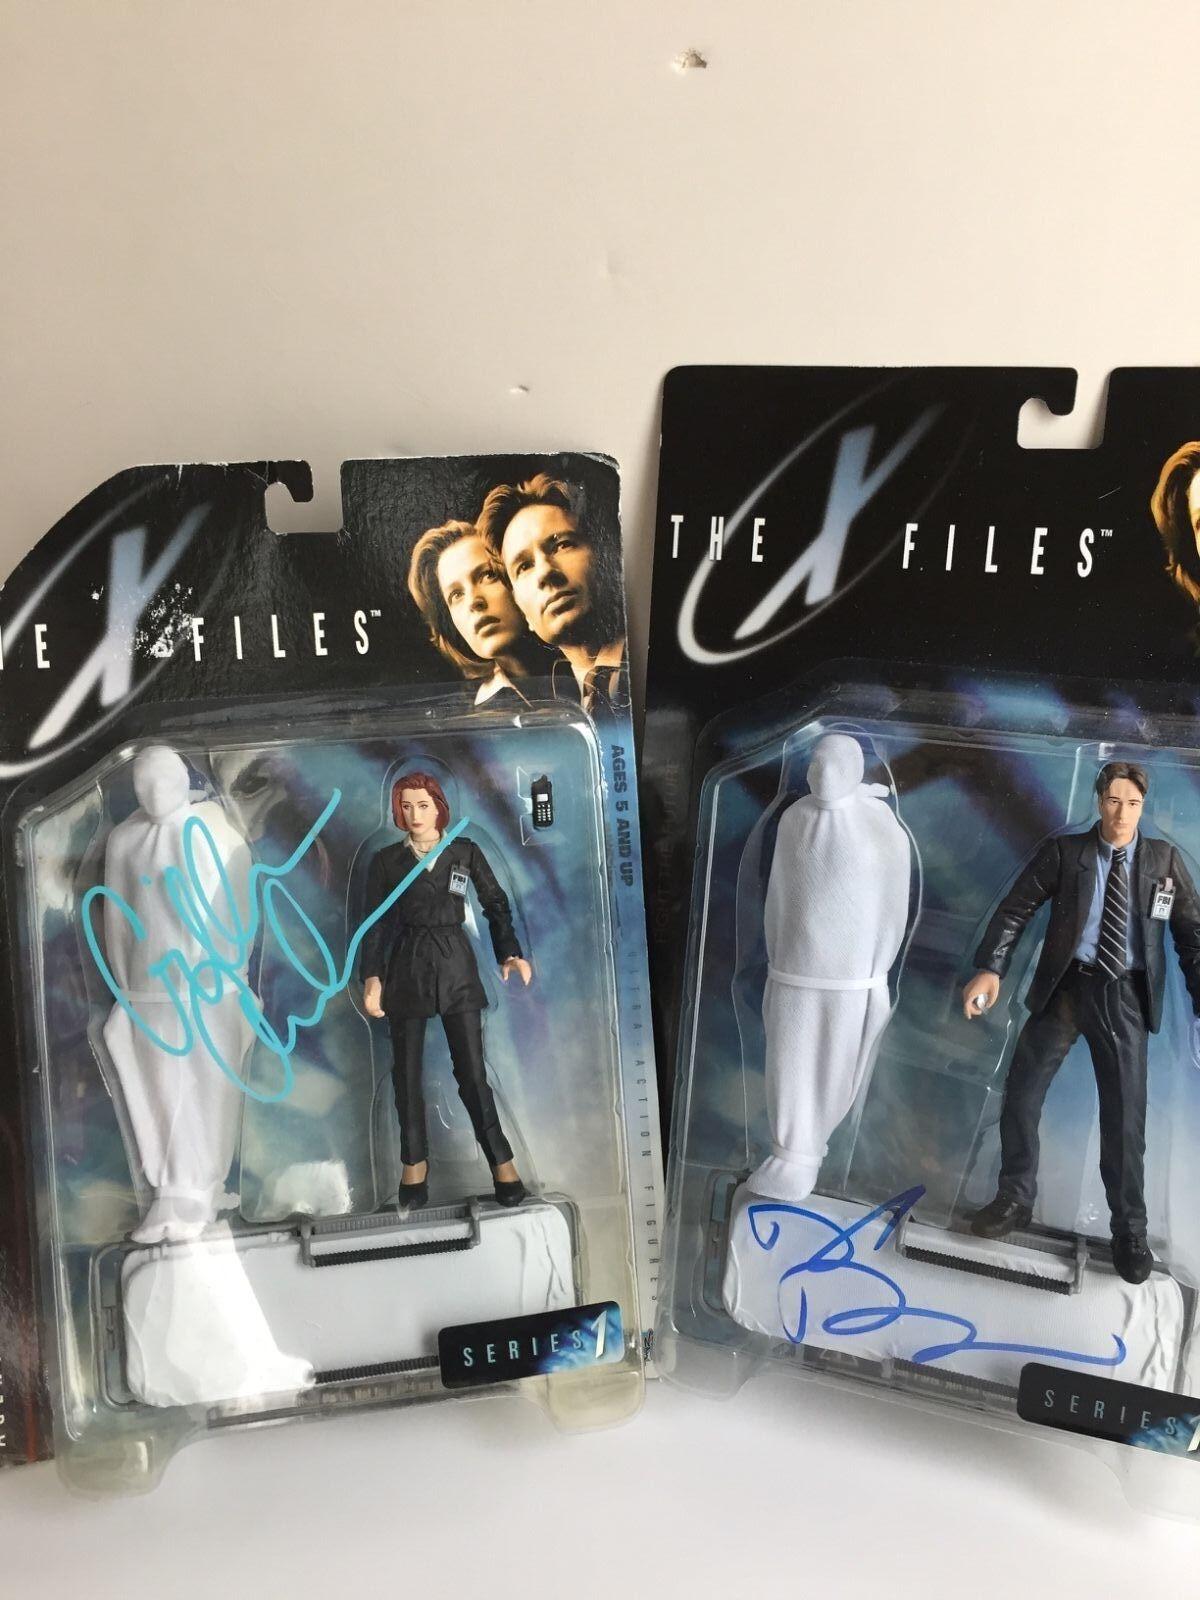 David Duchovny Gillian Anderson signed autograph The X-Files figure COA, Rare